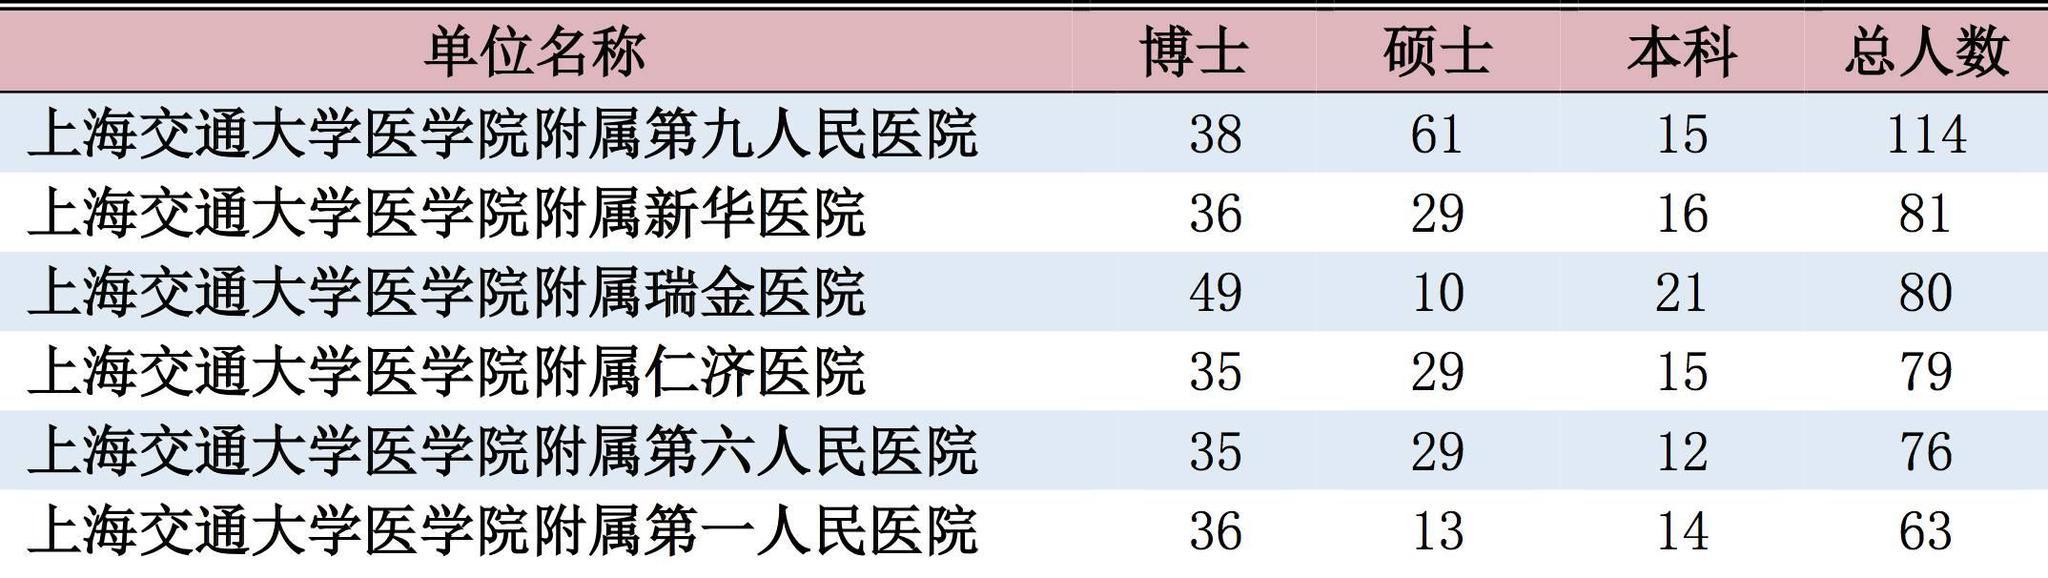 必发集团娱乐网站 209